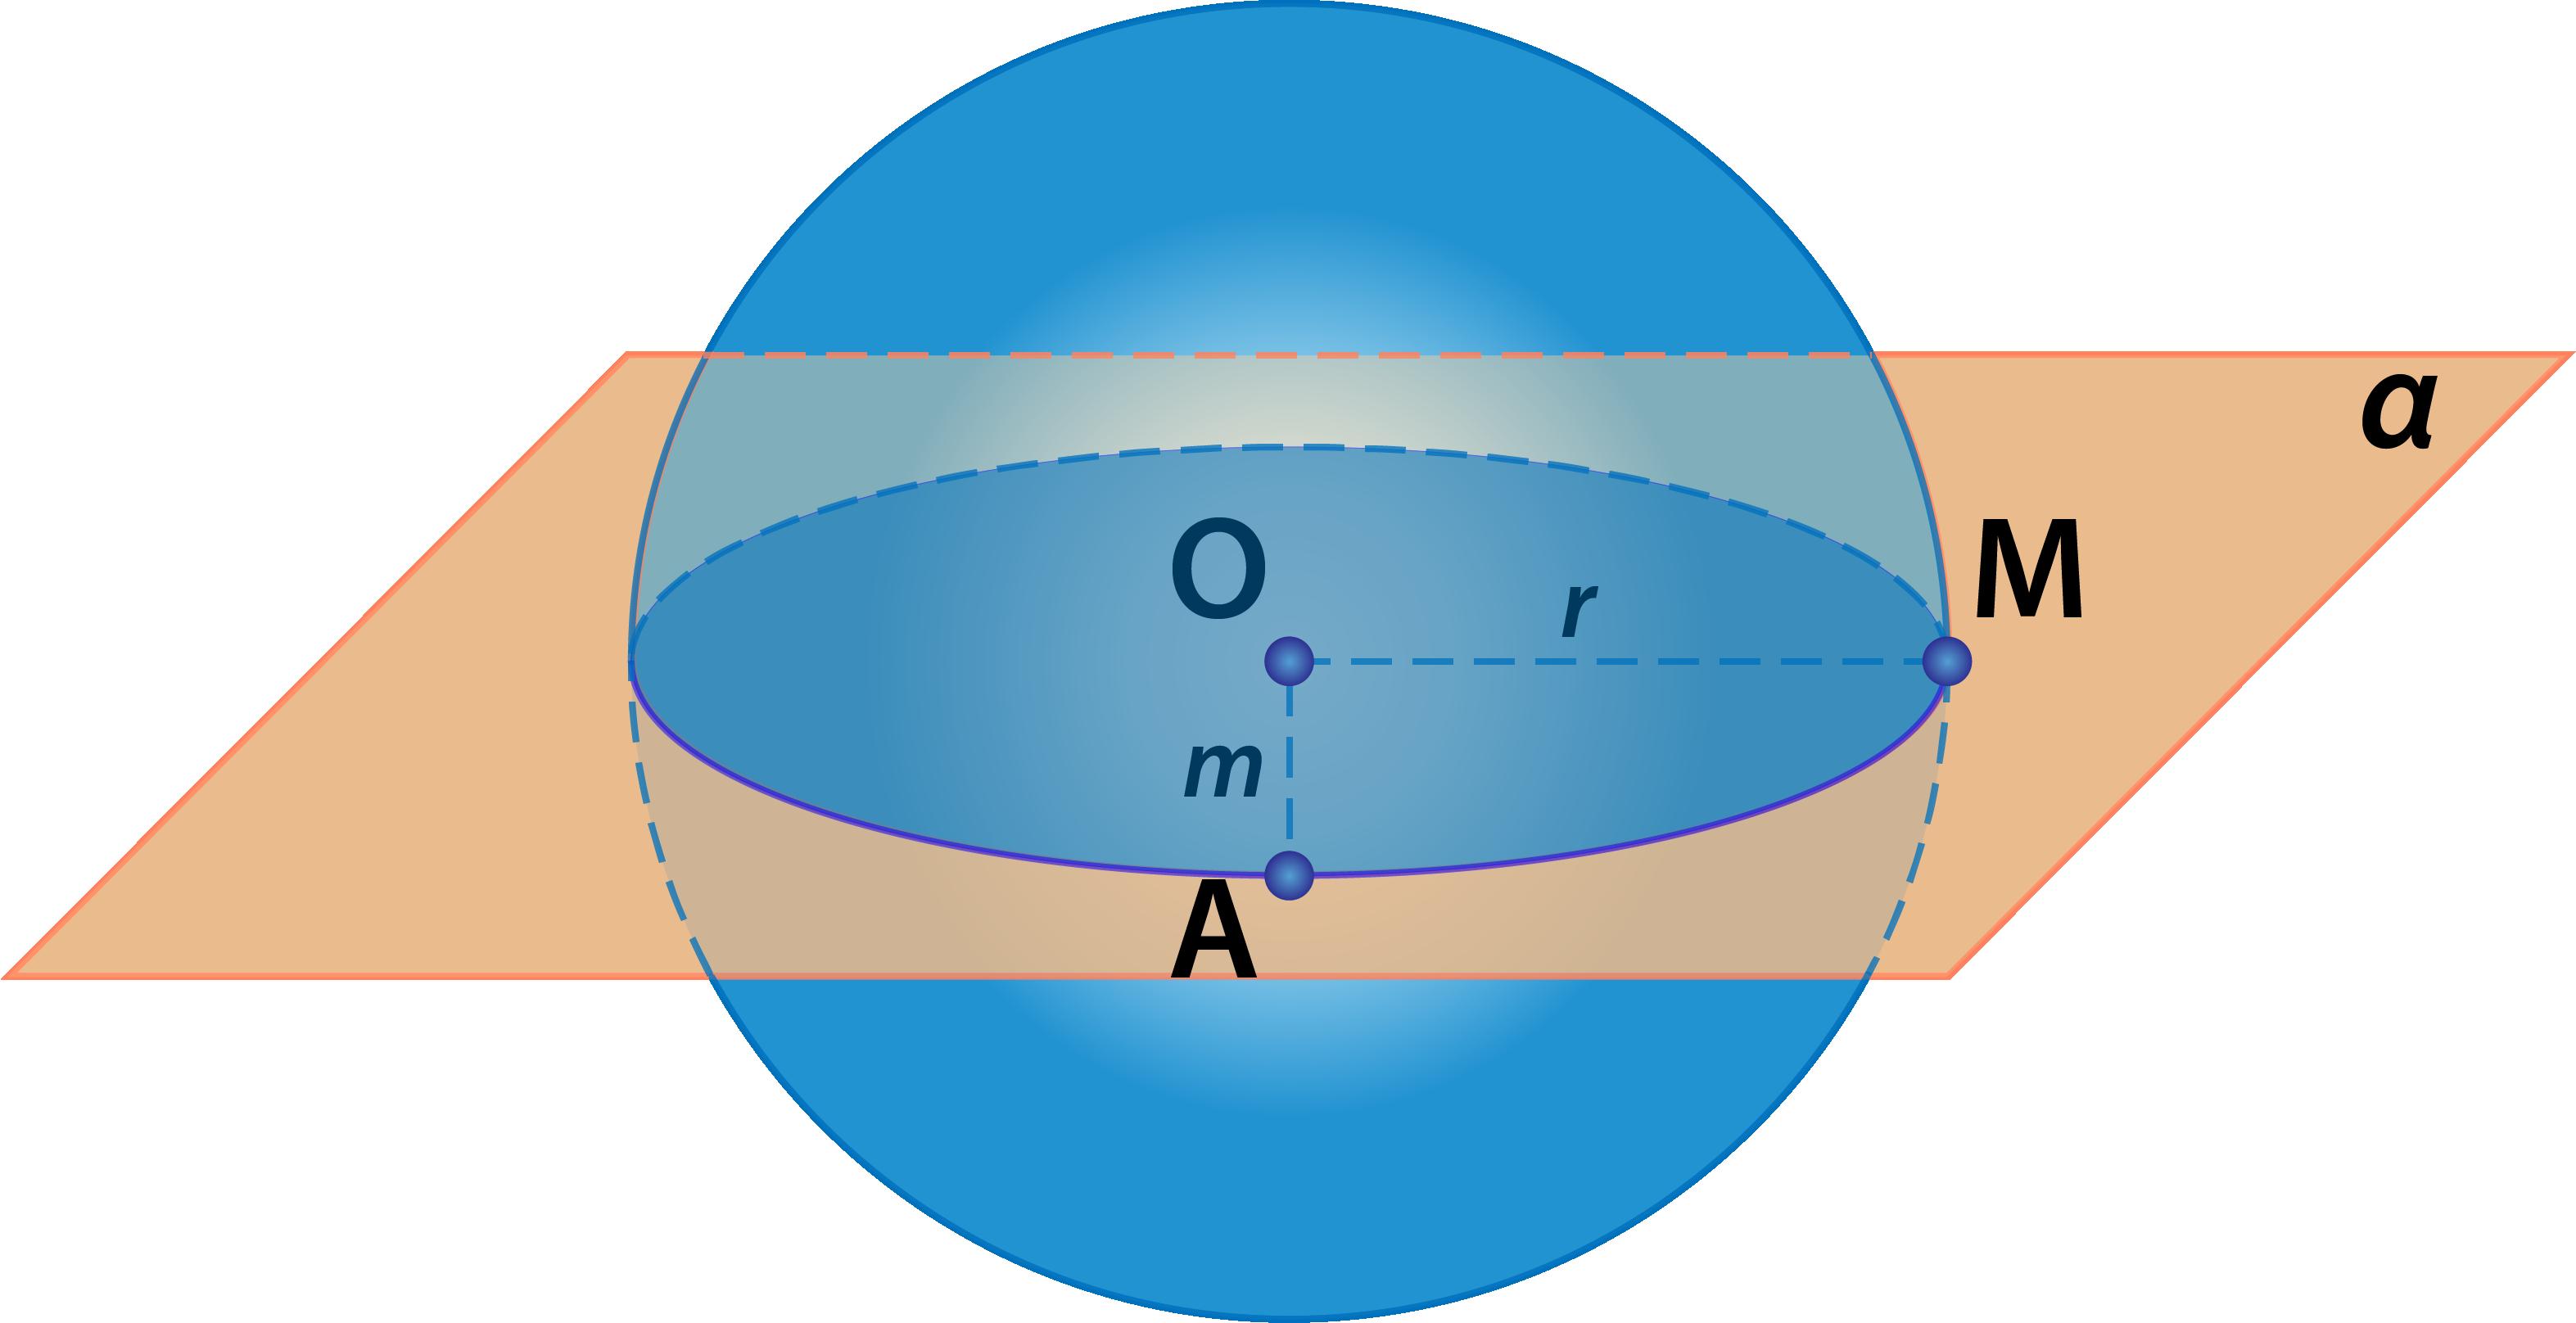 плоскость пересекает шар (сферу)